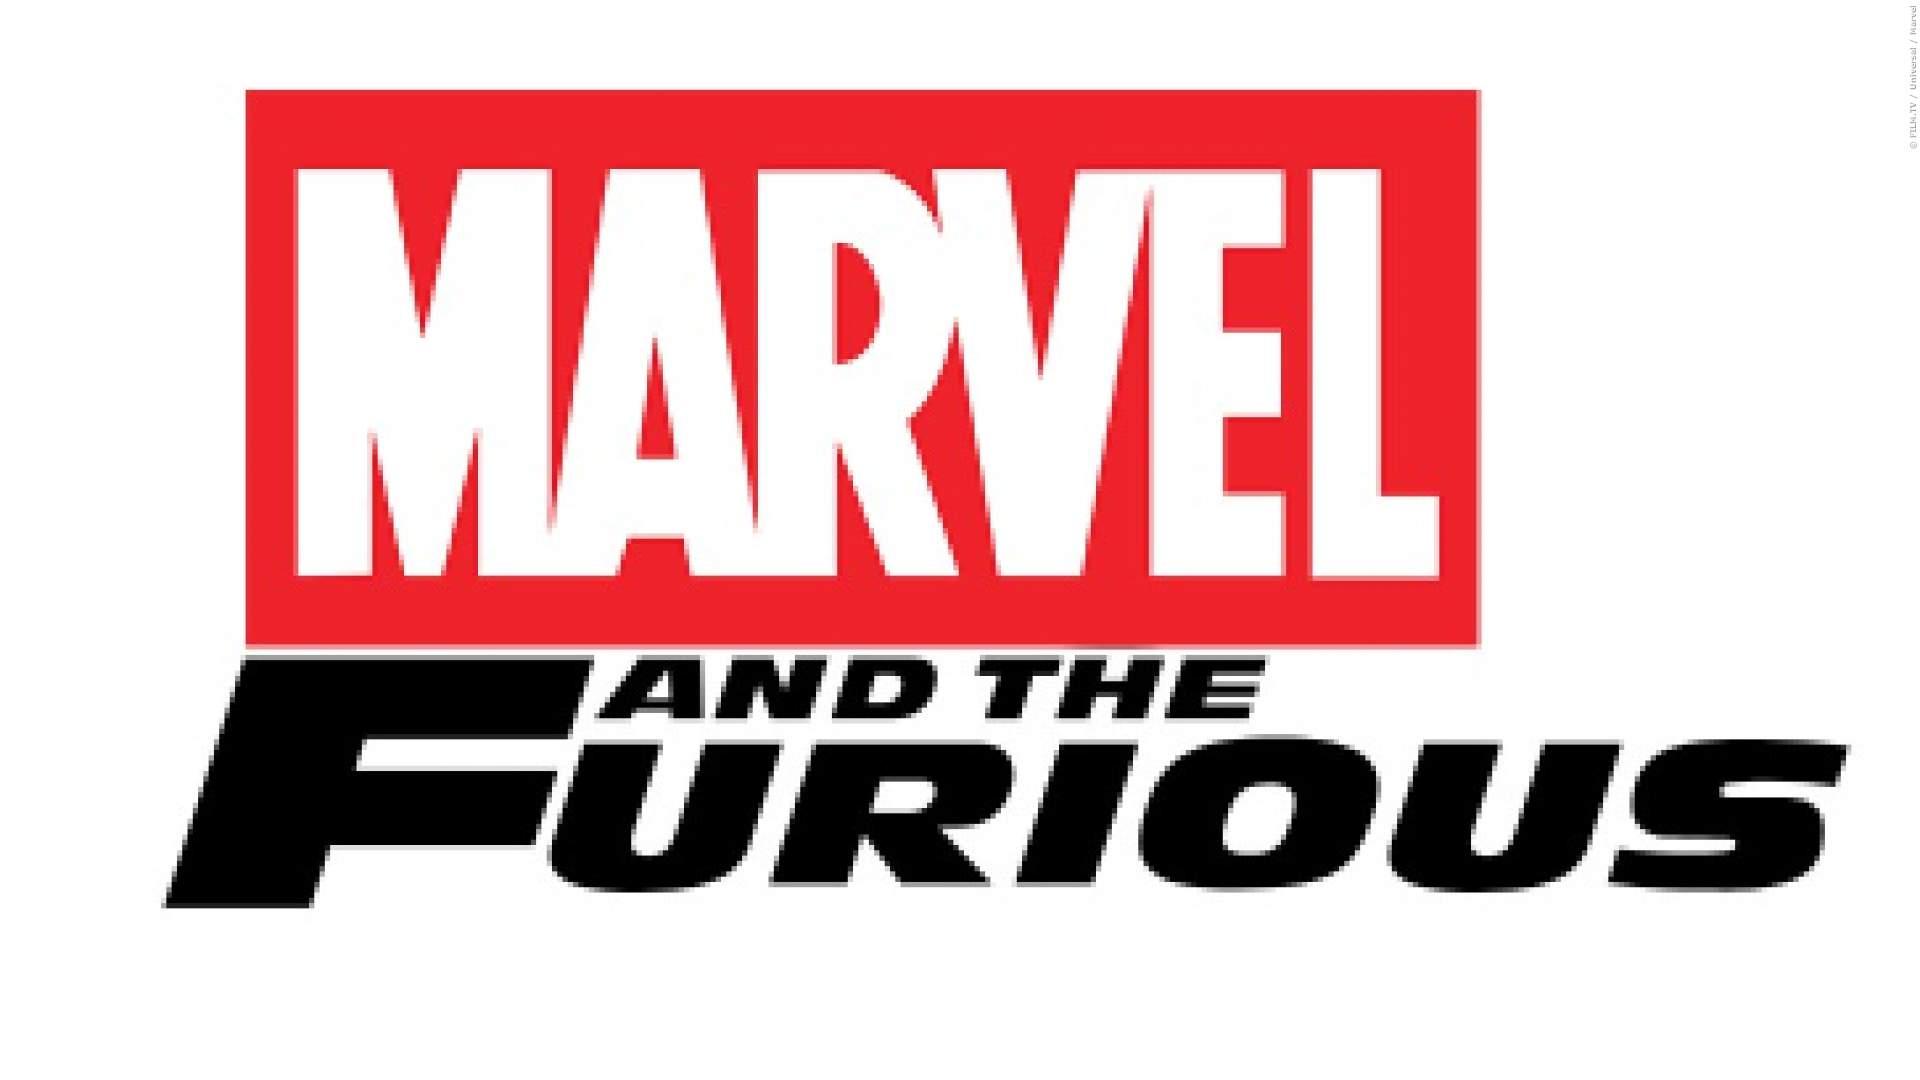 ZUKUNFT: 'Fast And Furious' soll wie 'Avengers' weitergehen - Das ist der Plan